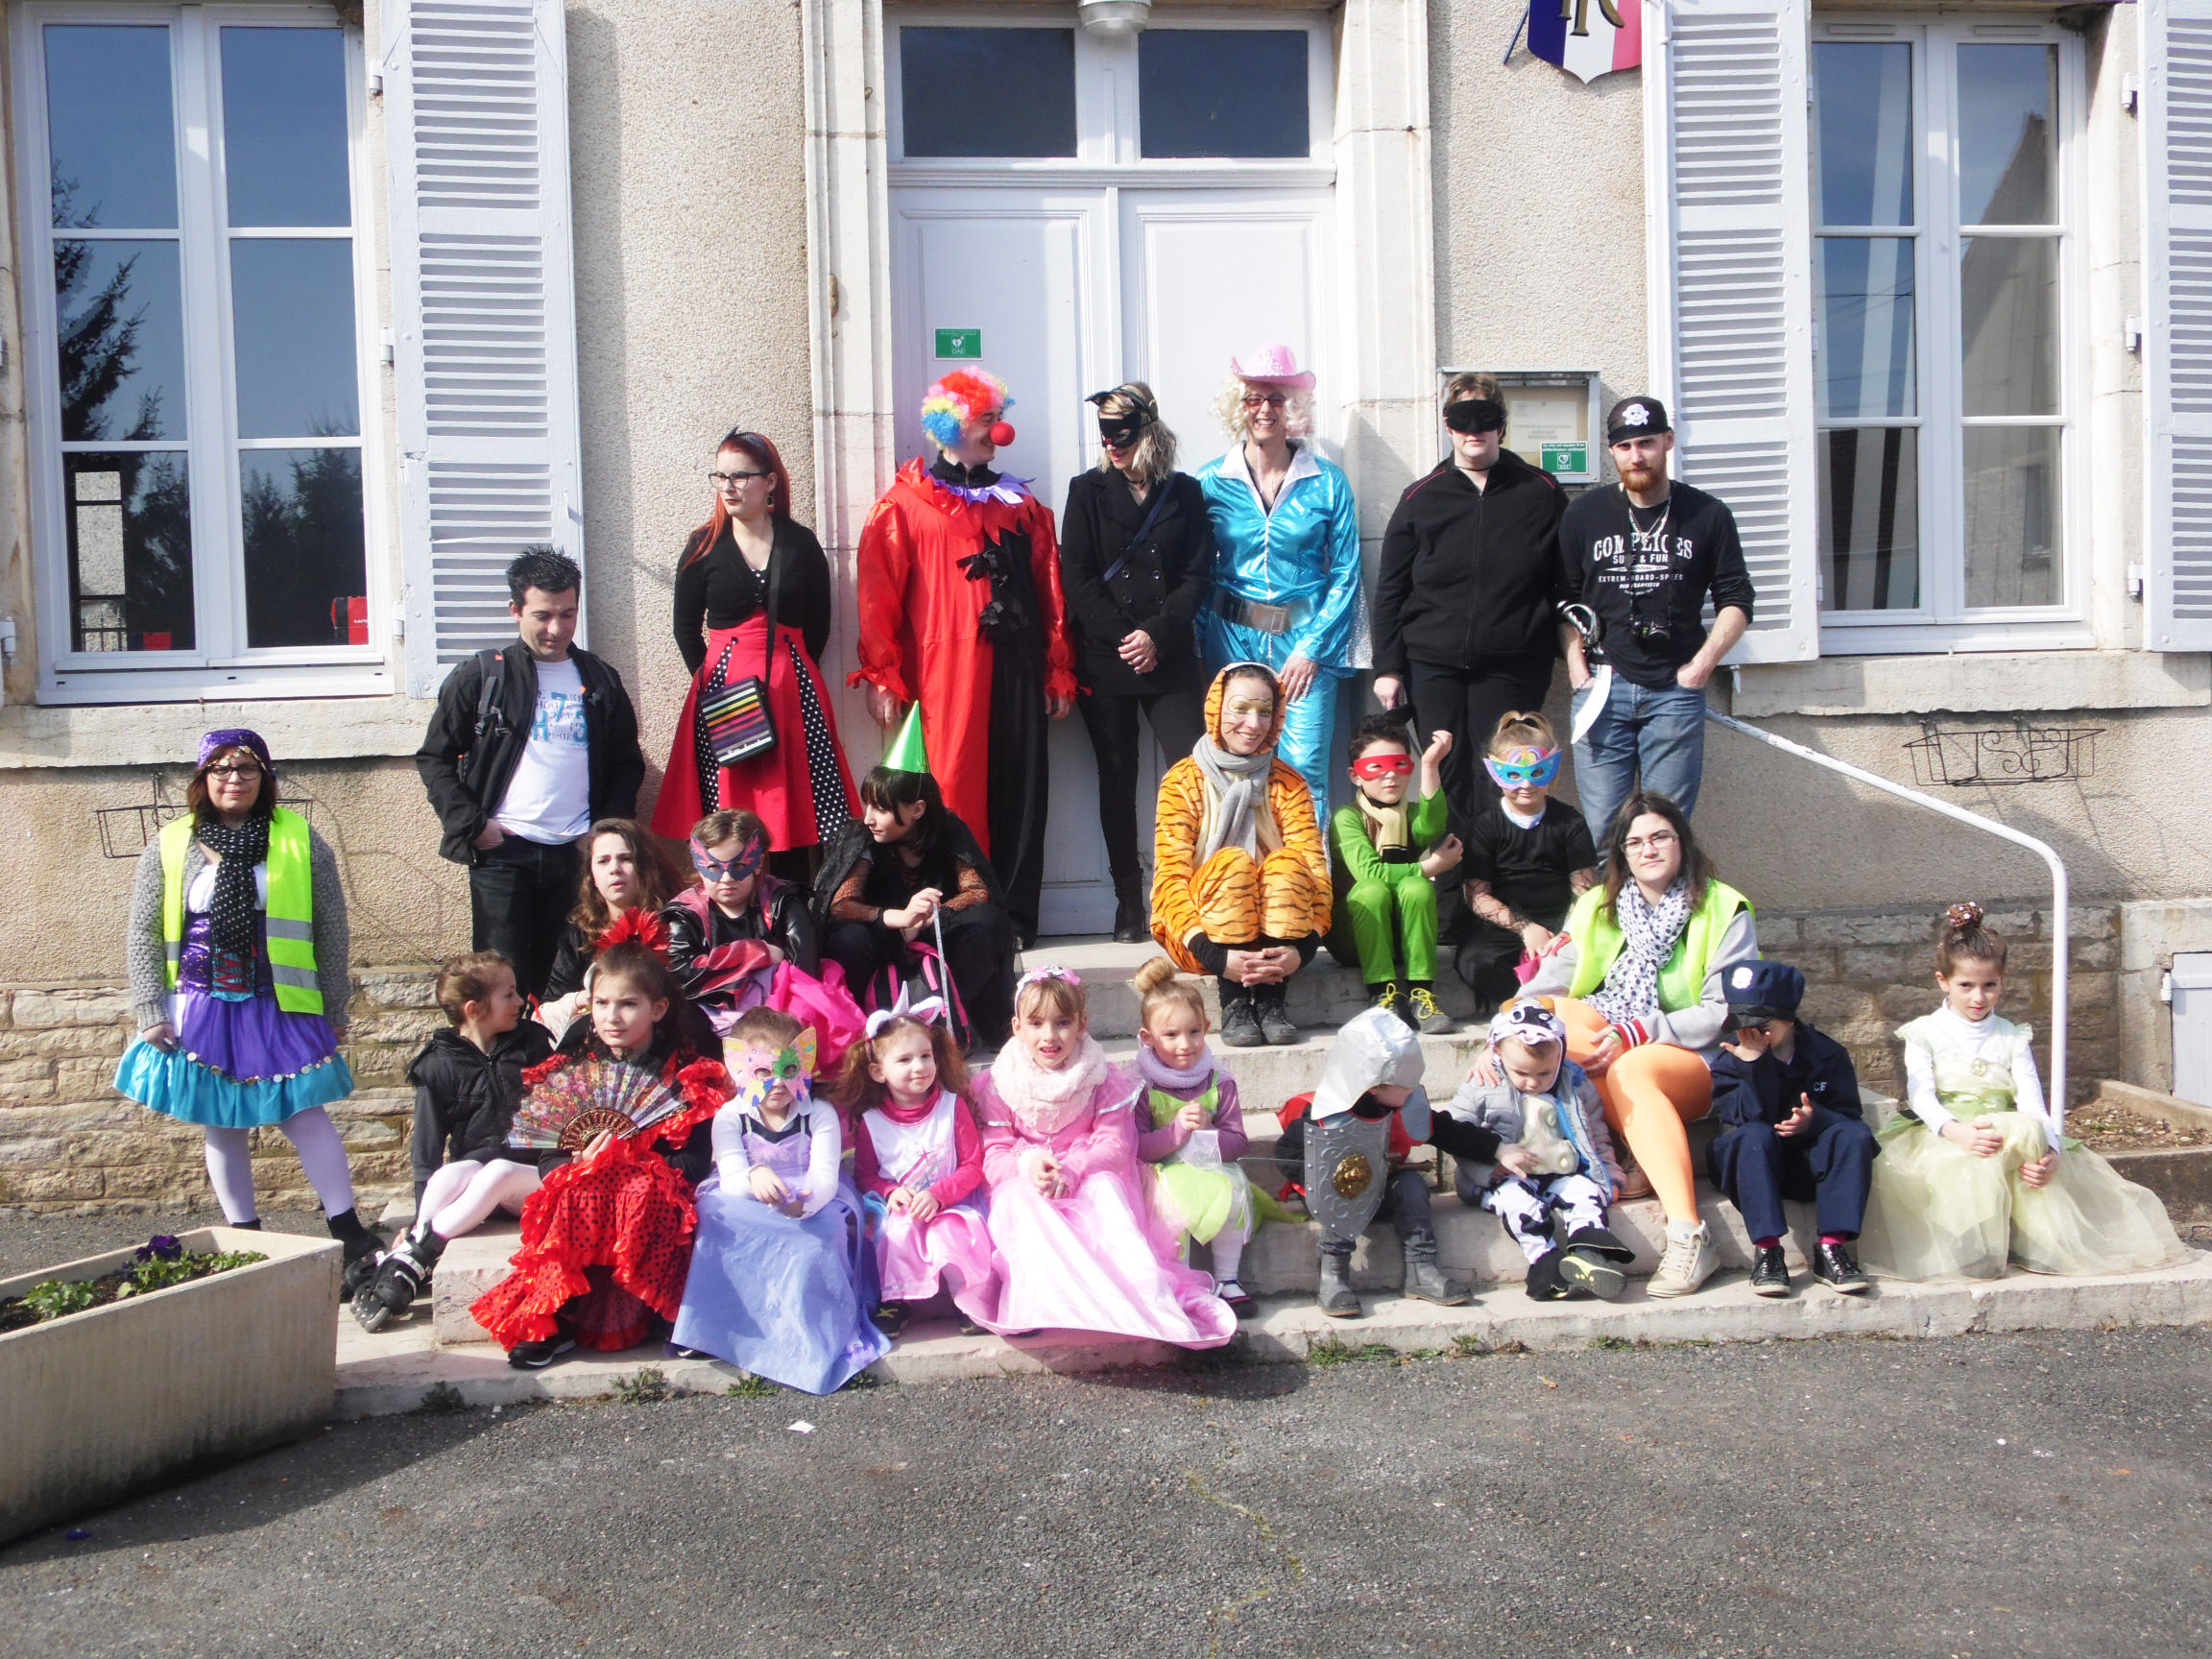 11 mars 2017 – Carnaval de Pagny la ville